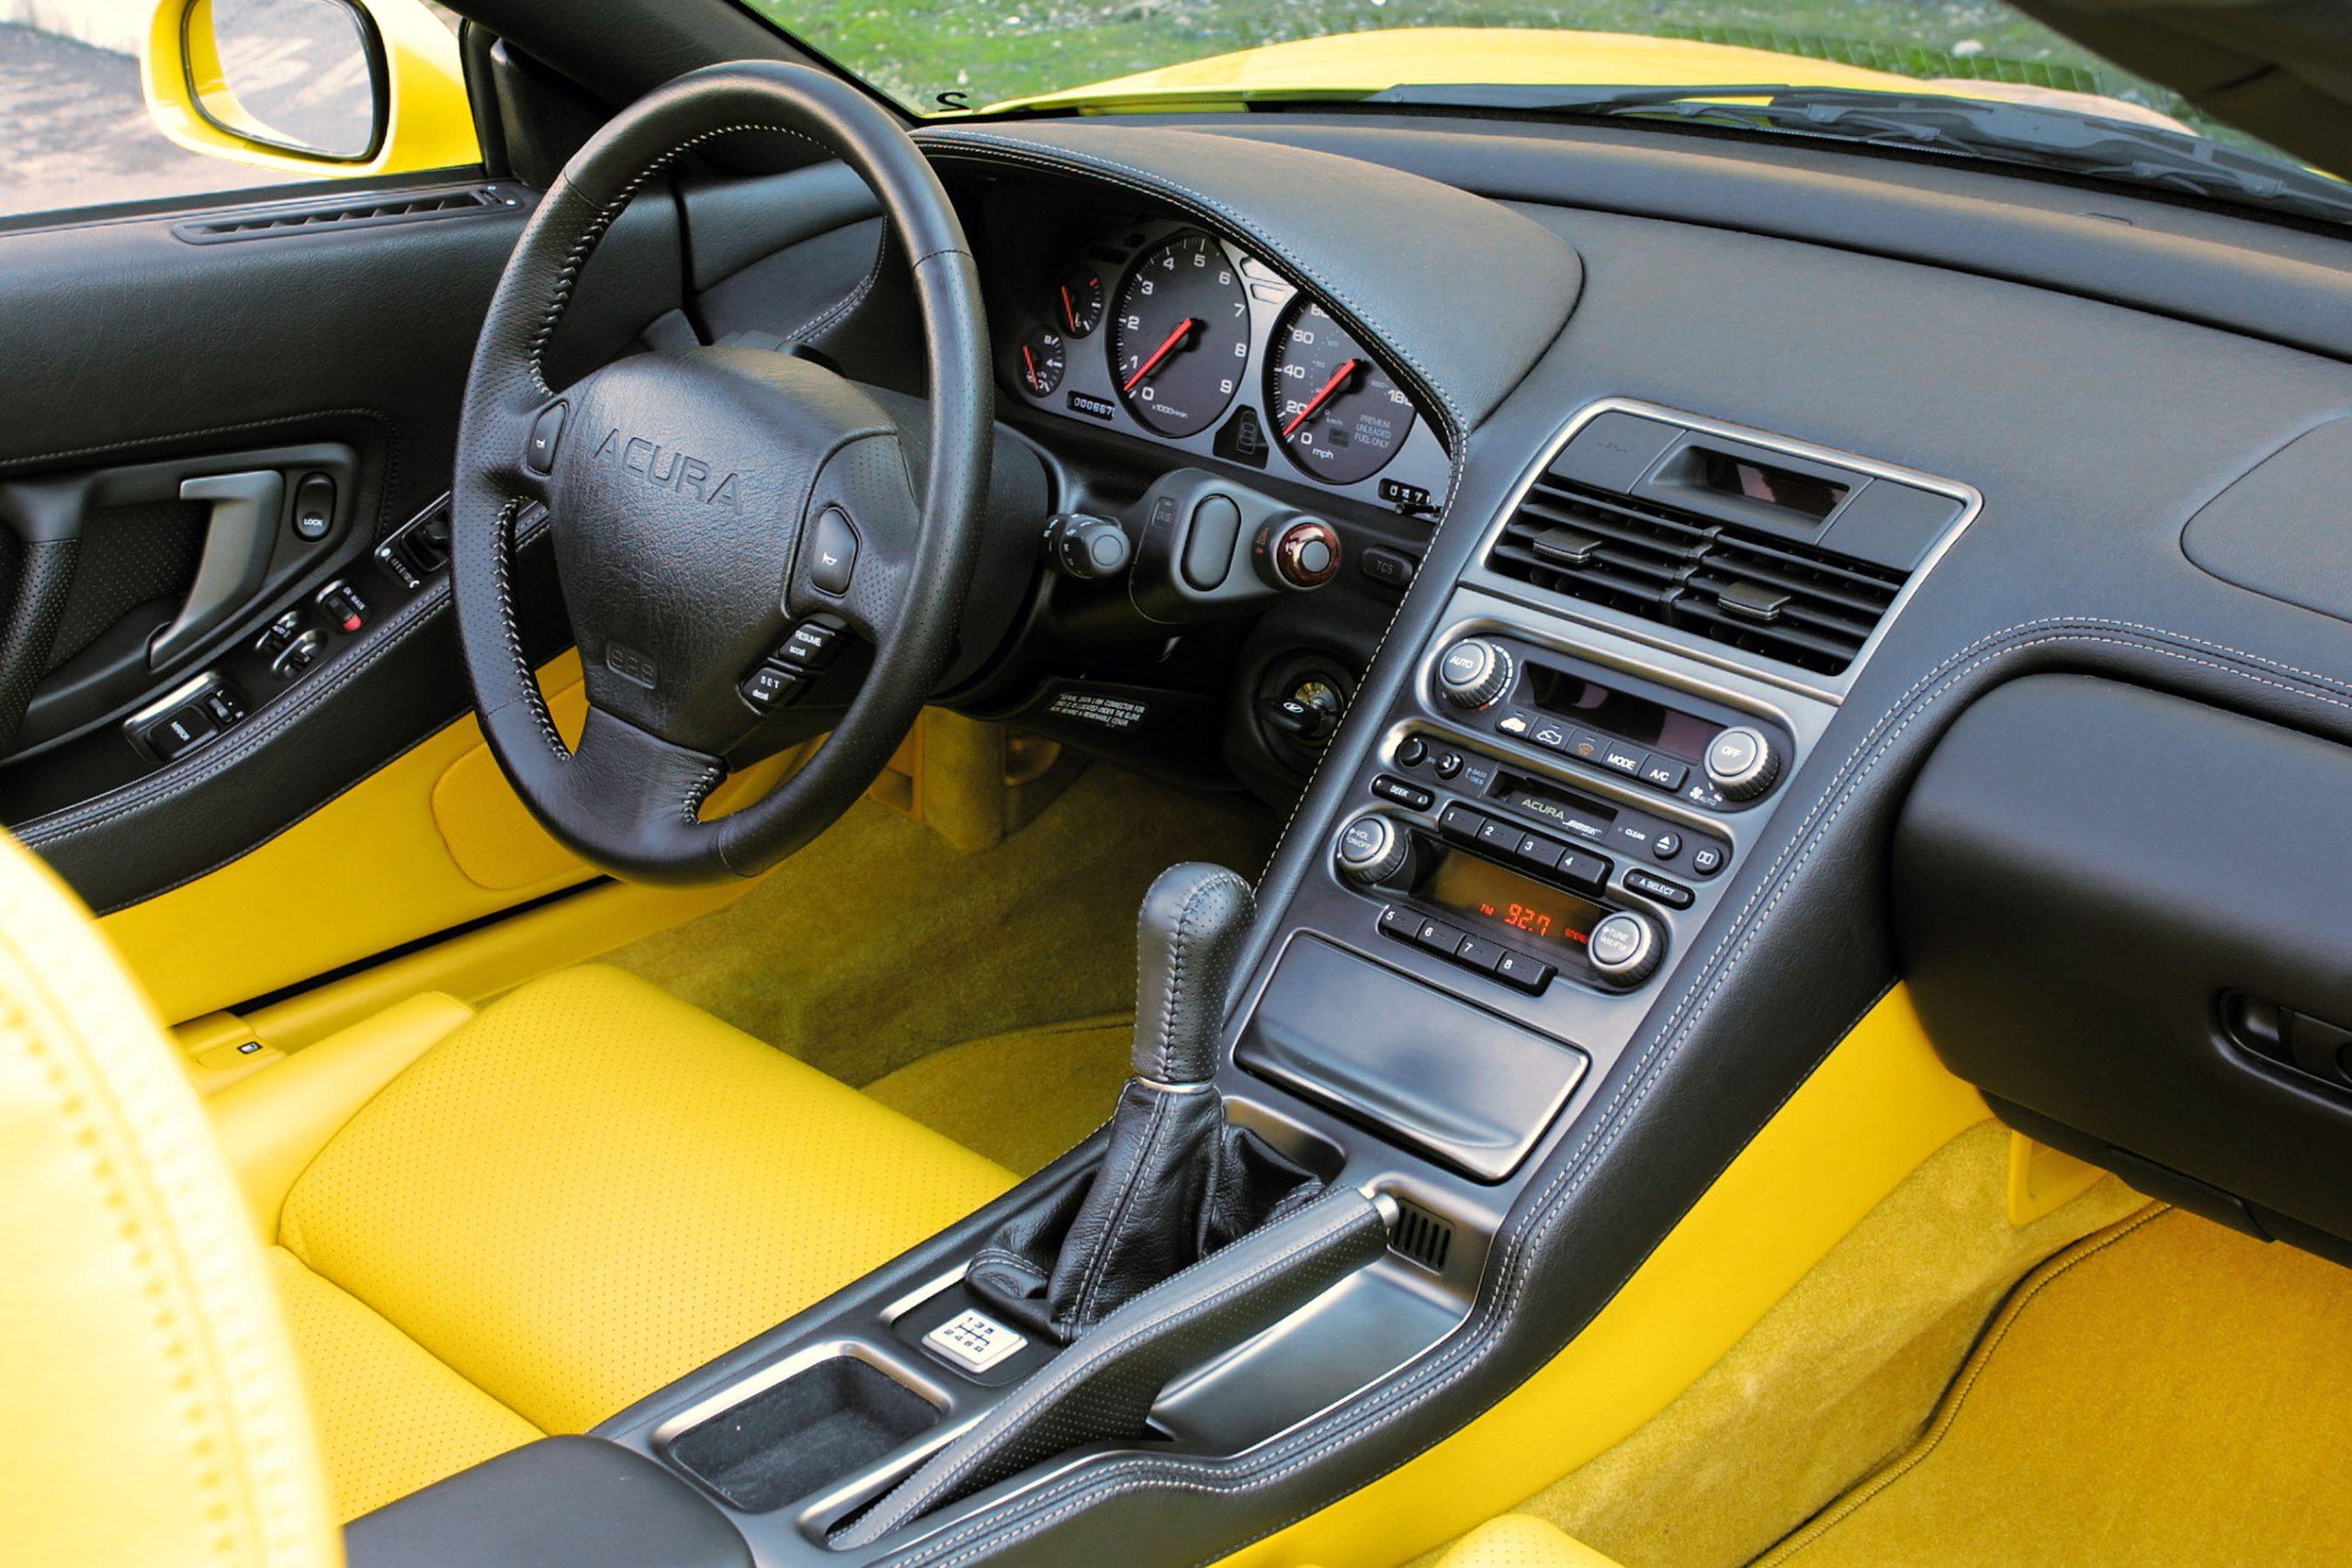 2002 Acura NSX interior